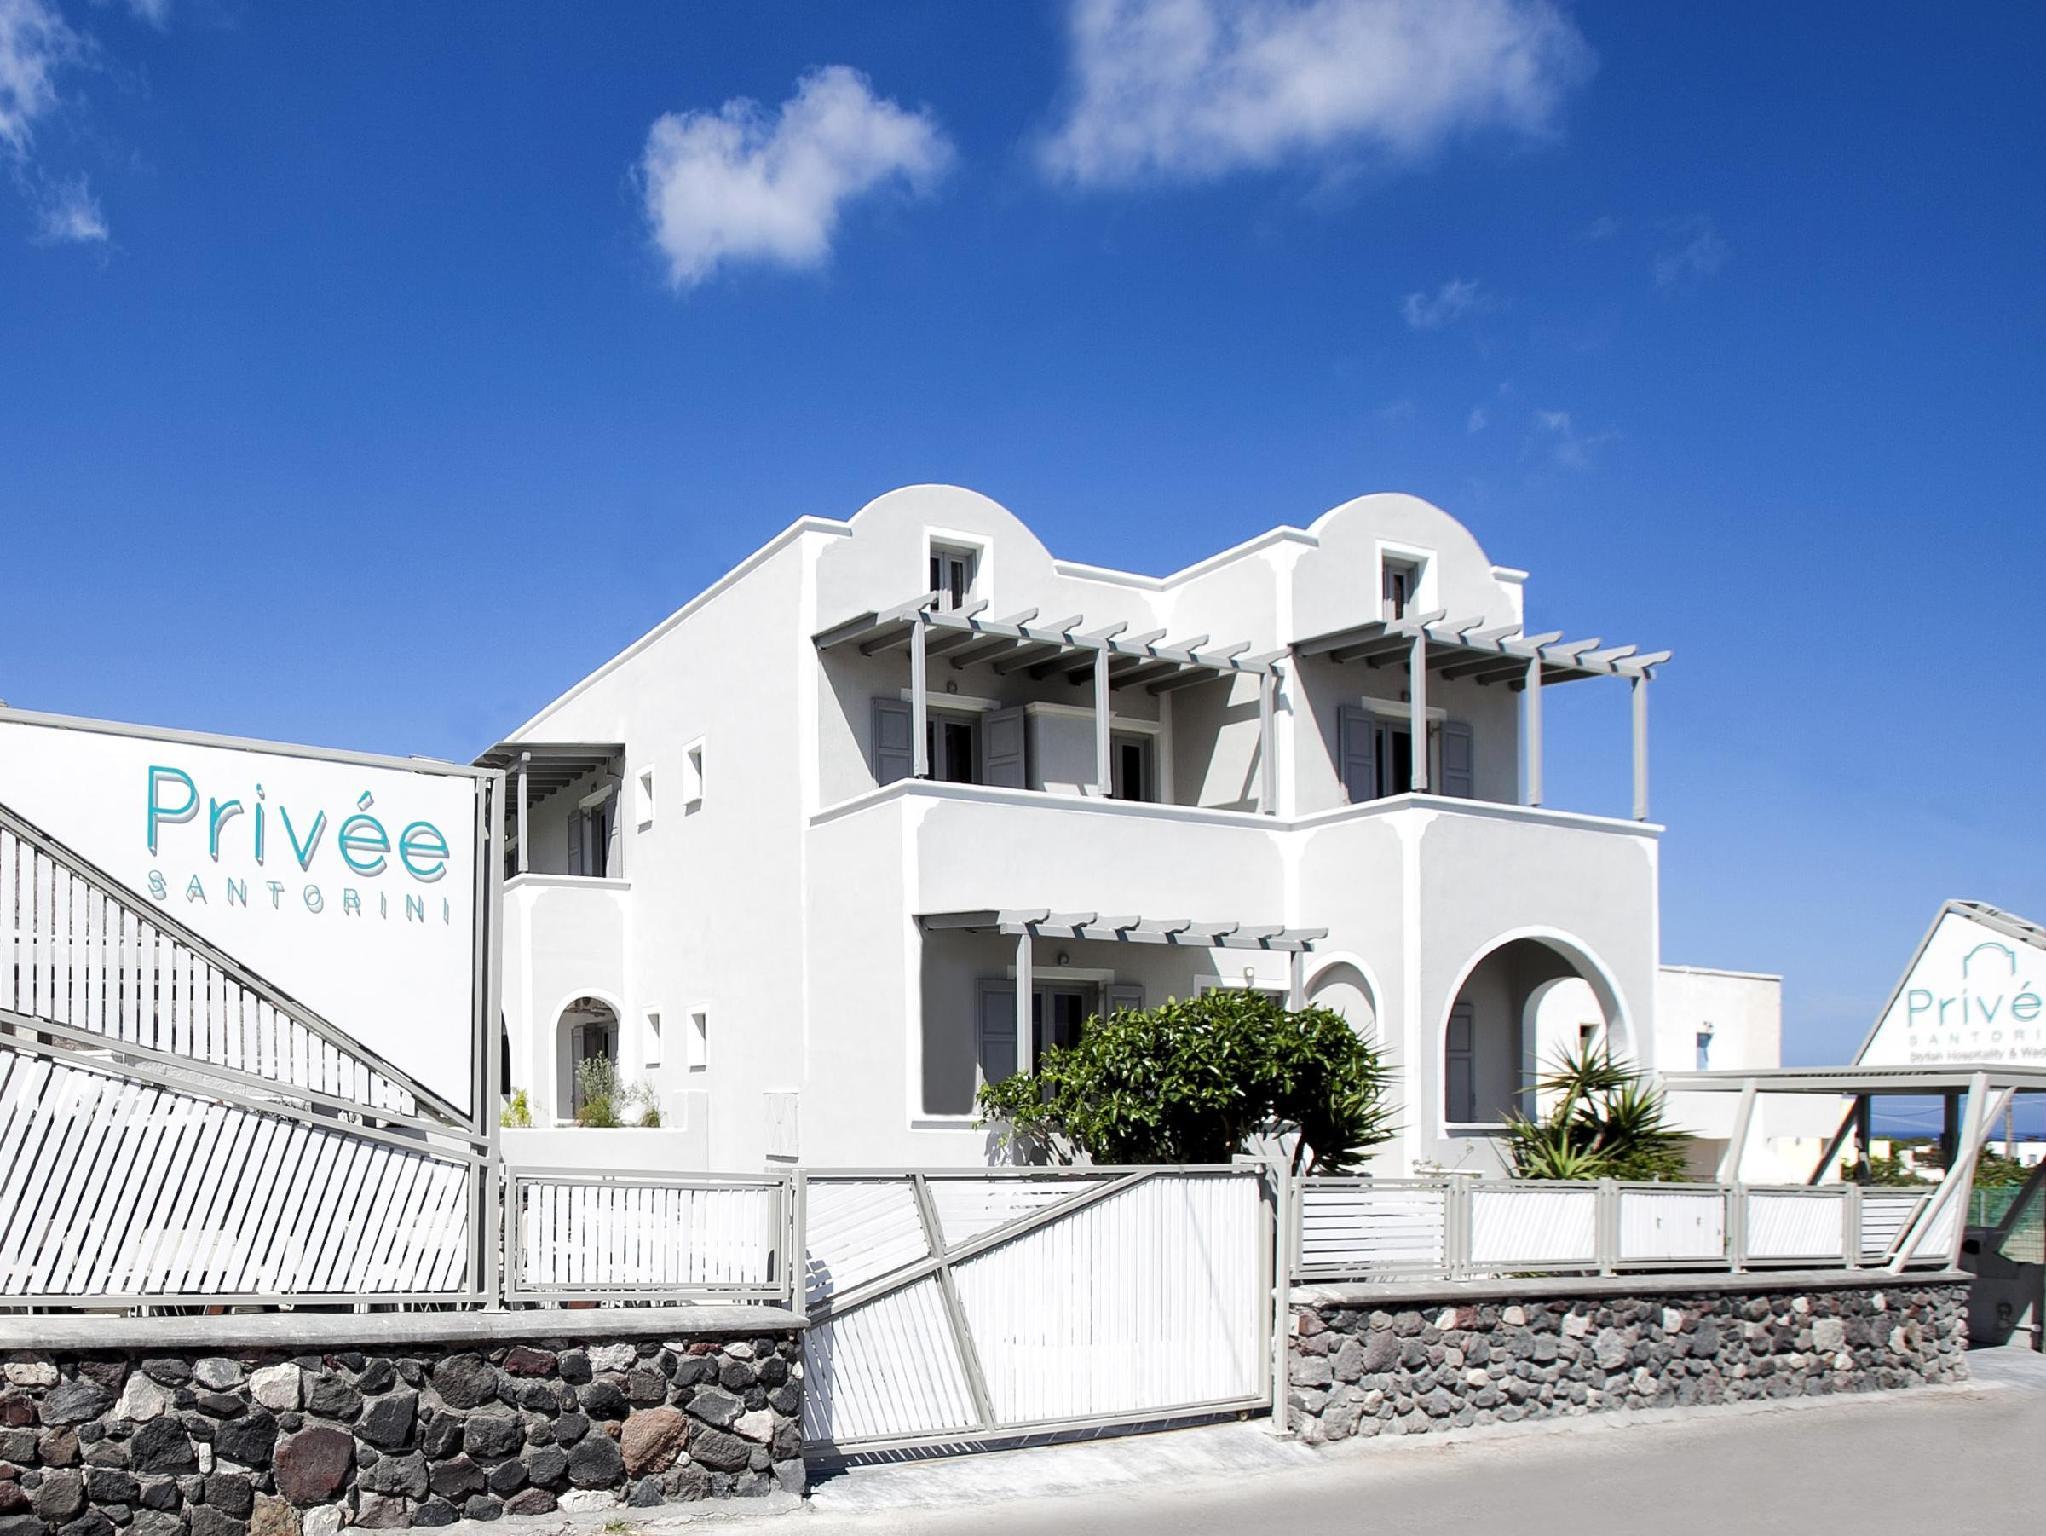 Privee Santorini Hotel